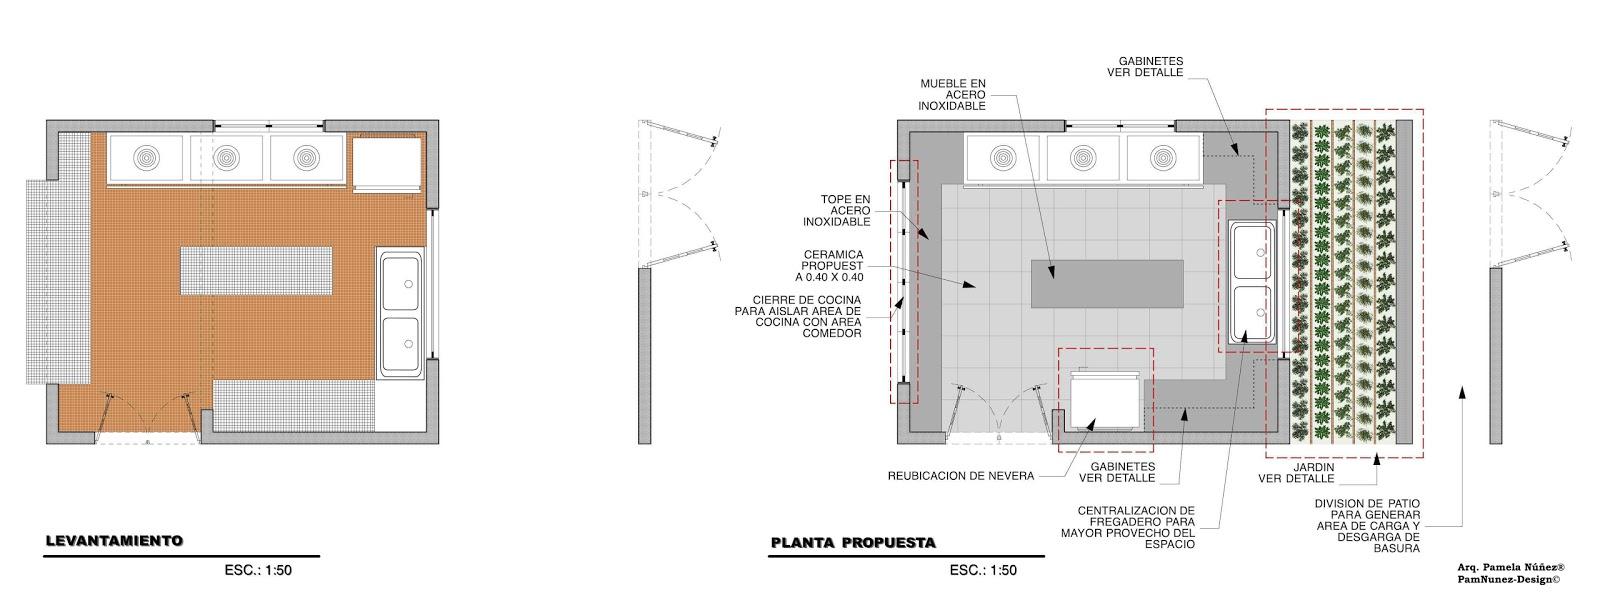 Pamnunez designs remodelaci n cocina industrial en for Valor cocina industrial